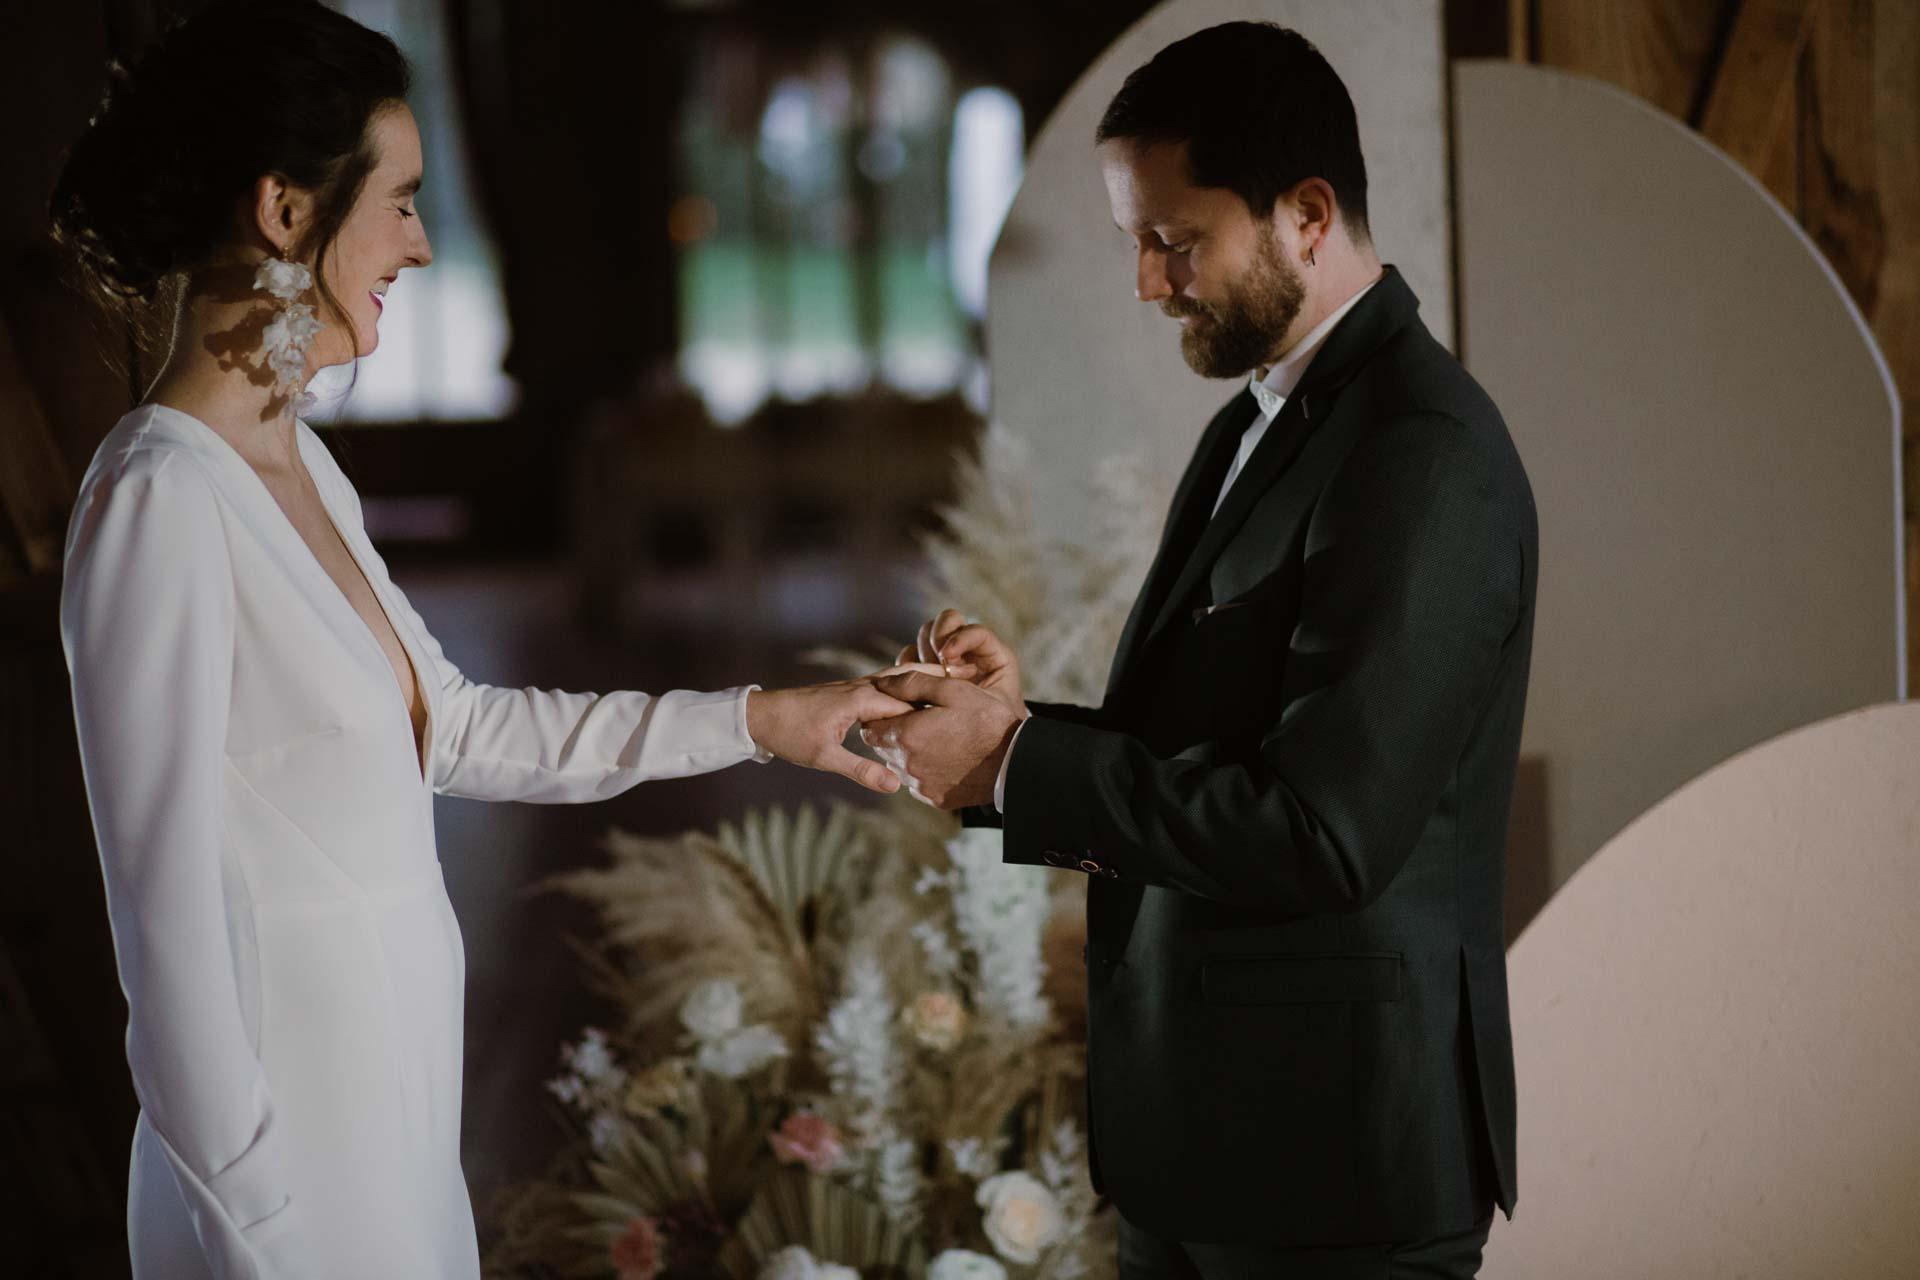 mariage rituels echange d'alliances